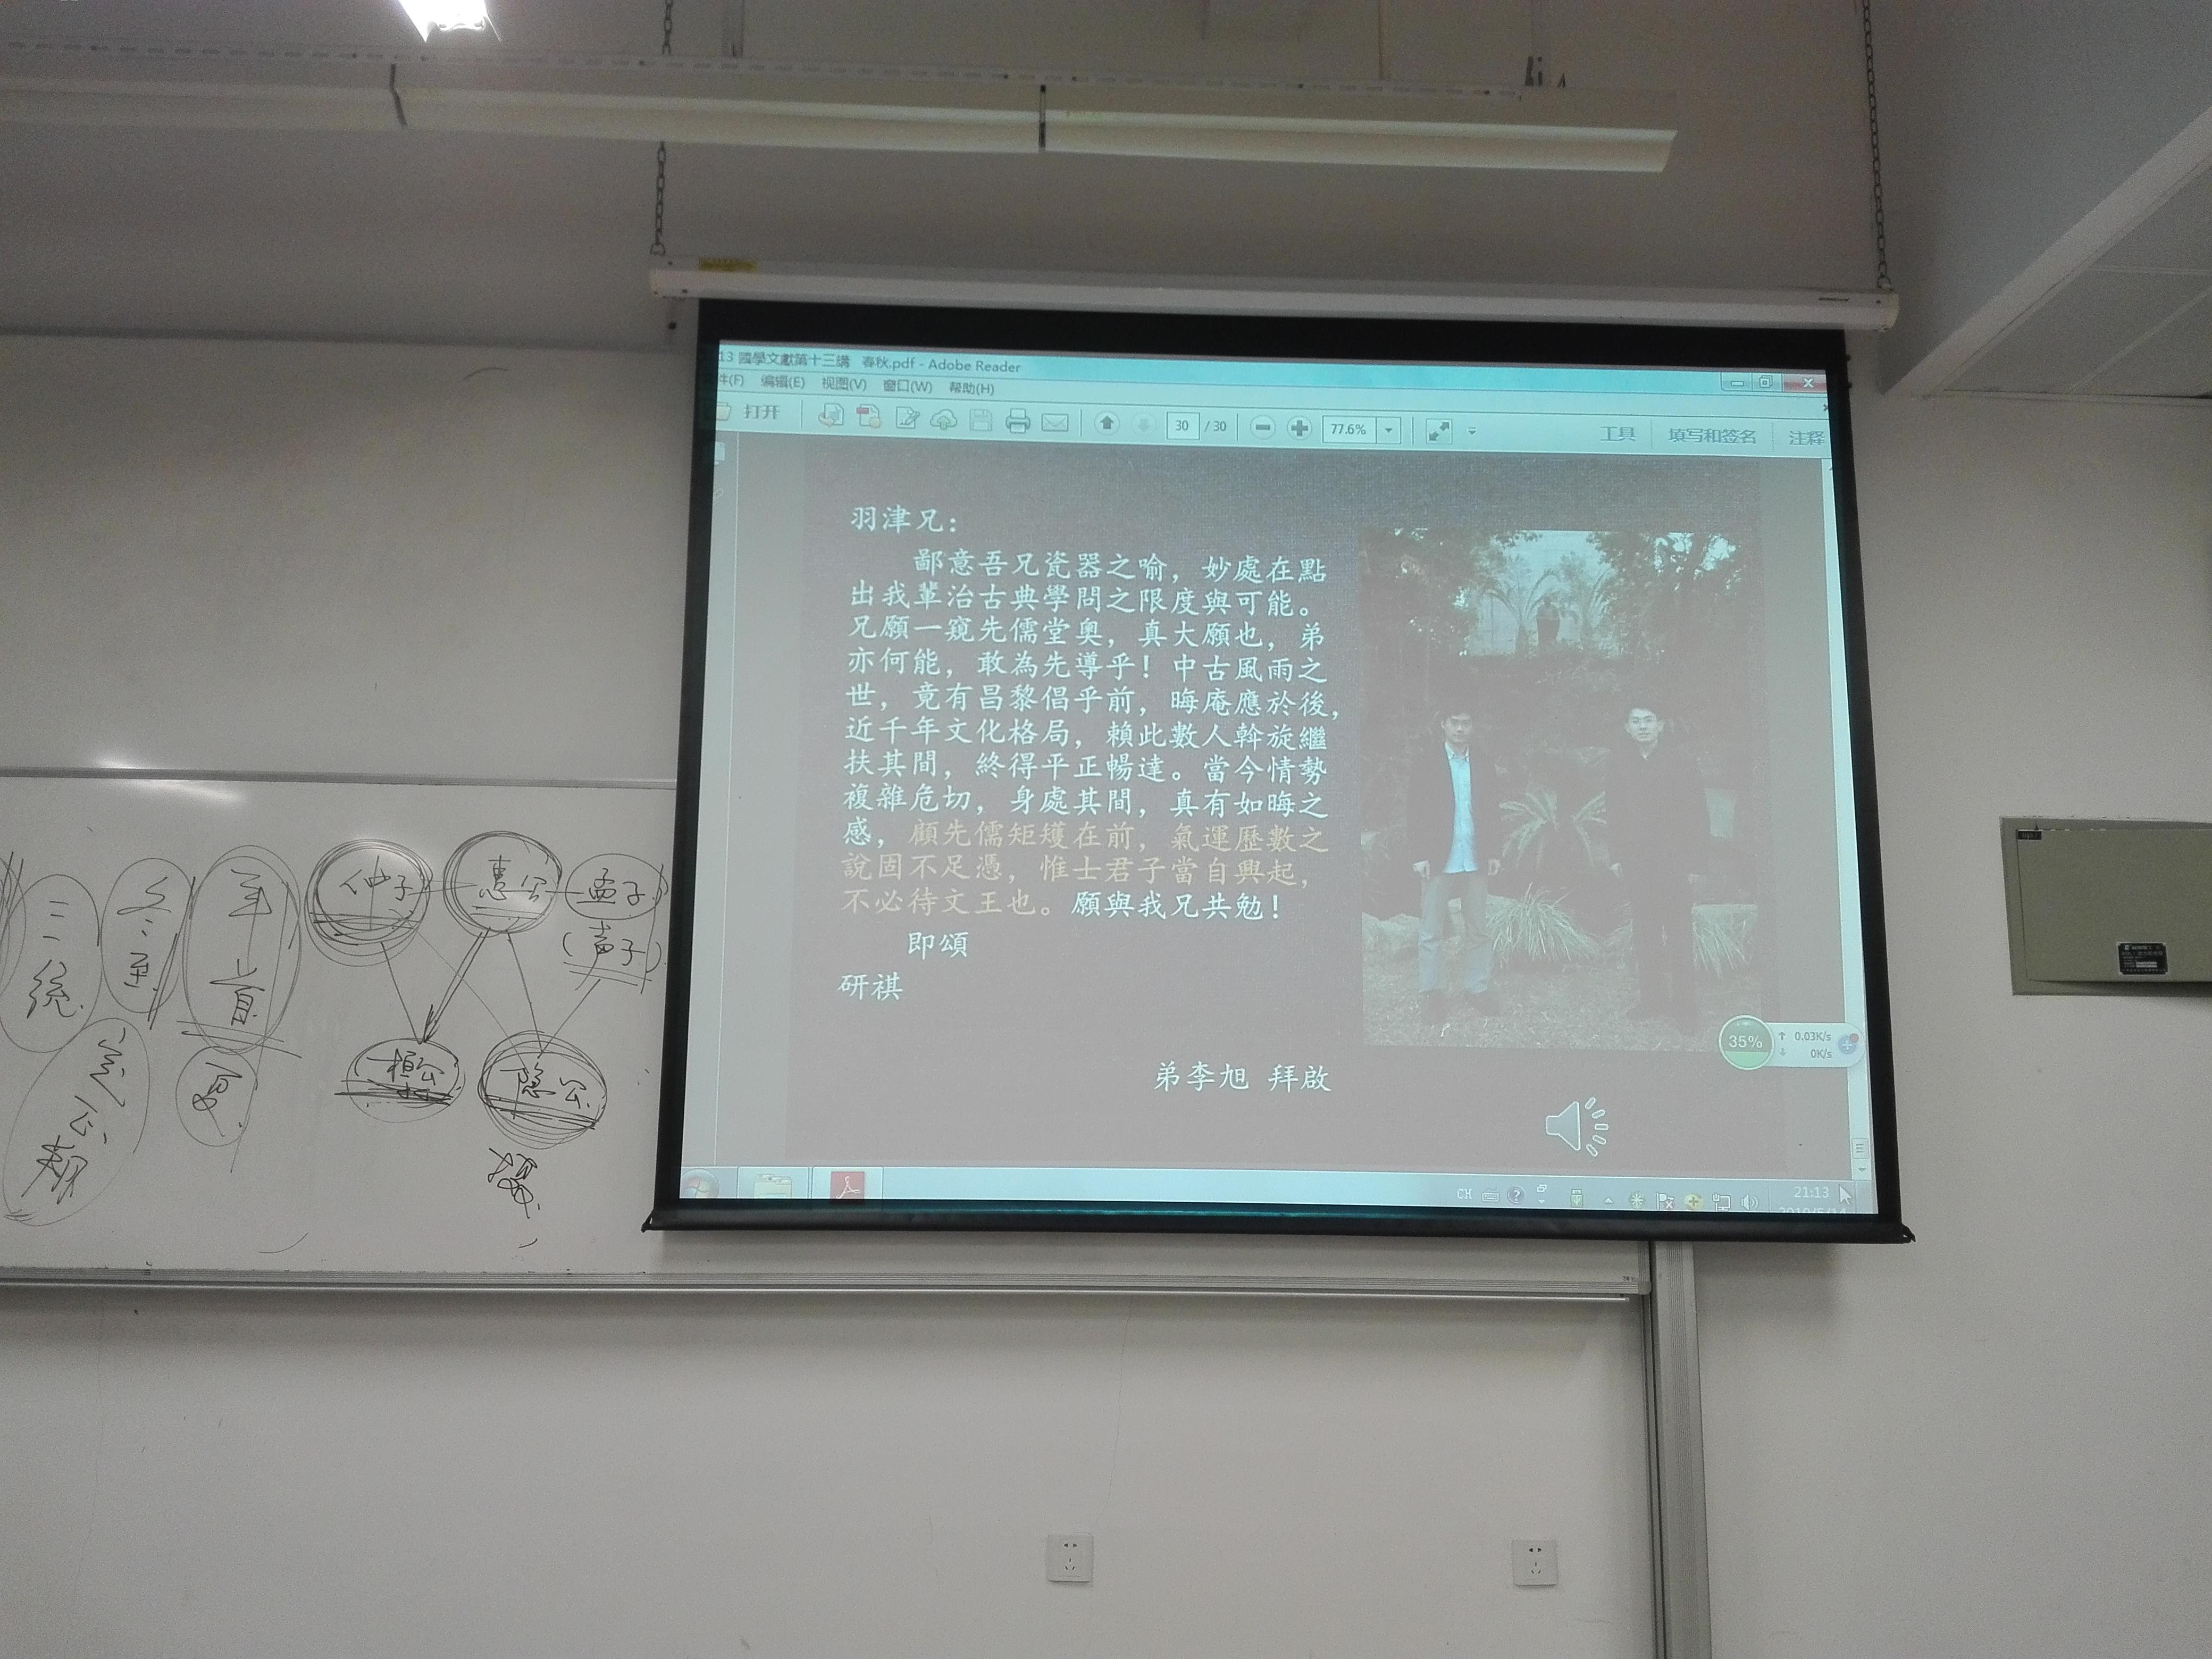 己亥春 南校 国学(文亮 摄)